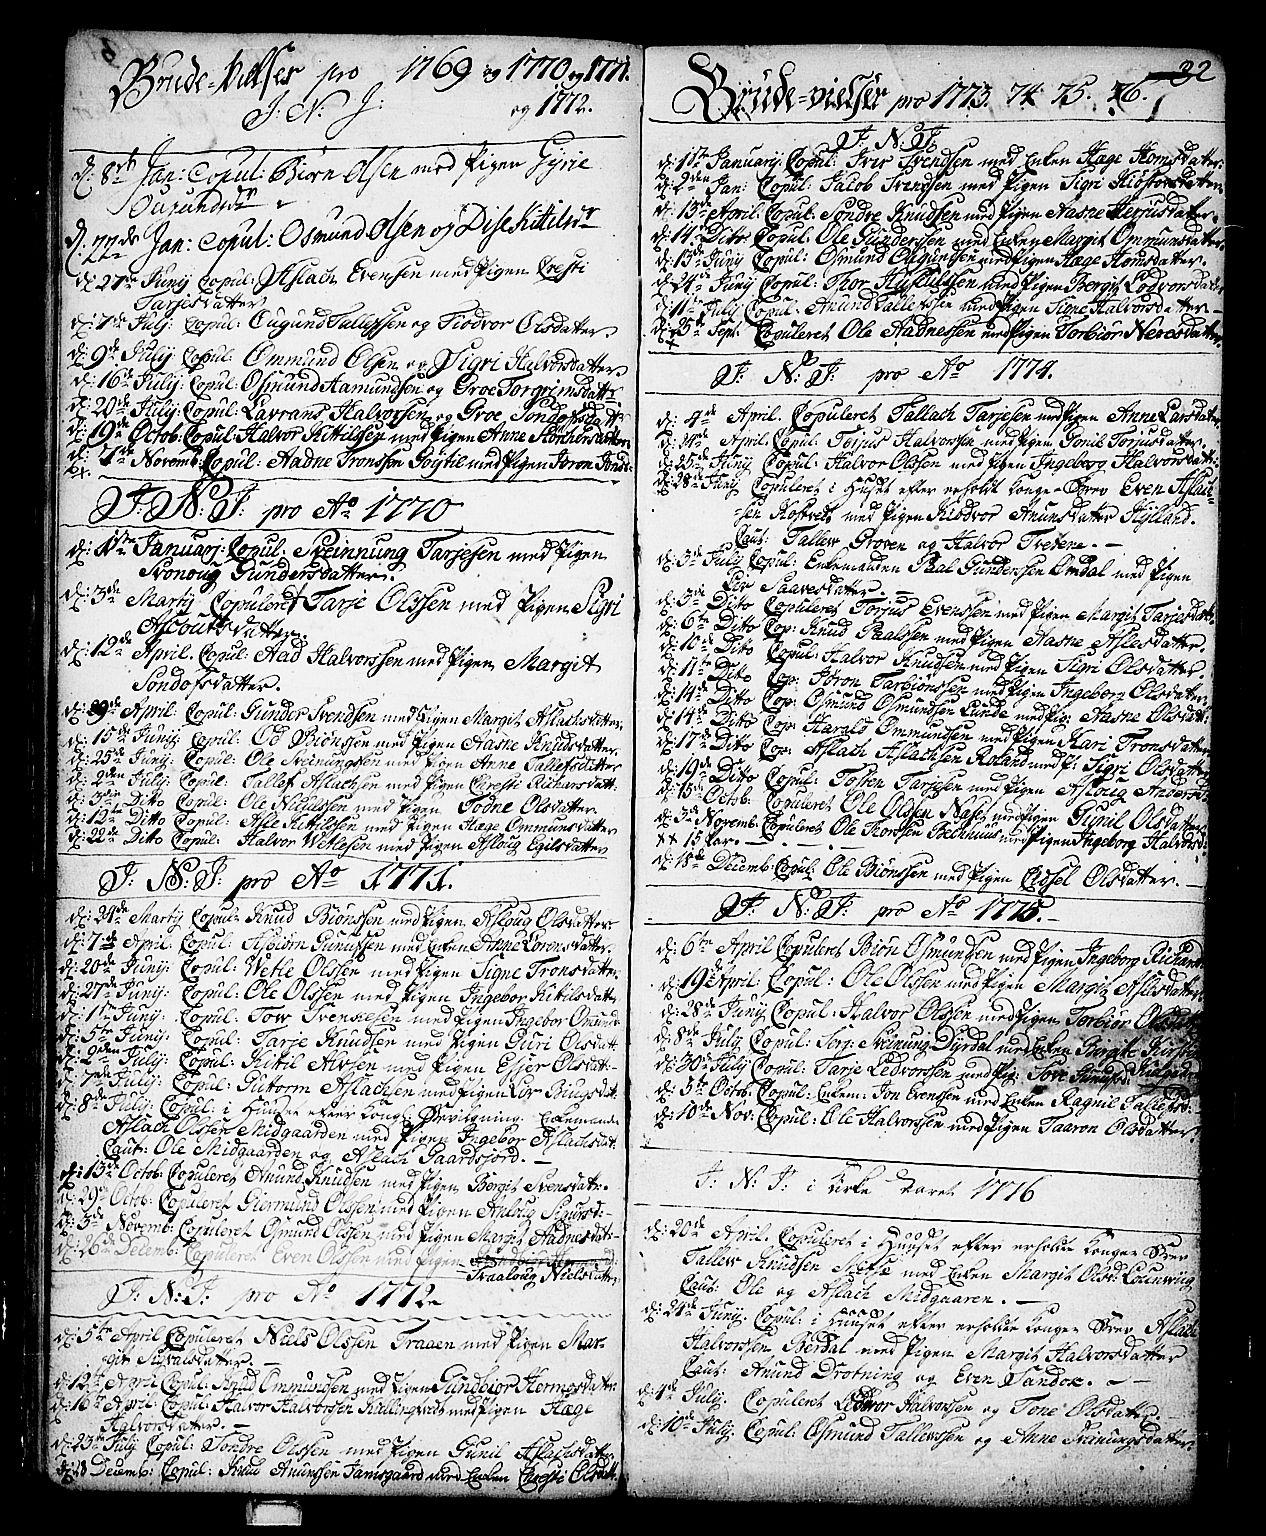 SAKO, Vinje kirkebøker, F/Fa/L0002: Ministerialbok nr. I 2, 1767-1814, s. 32